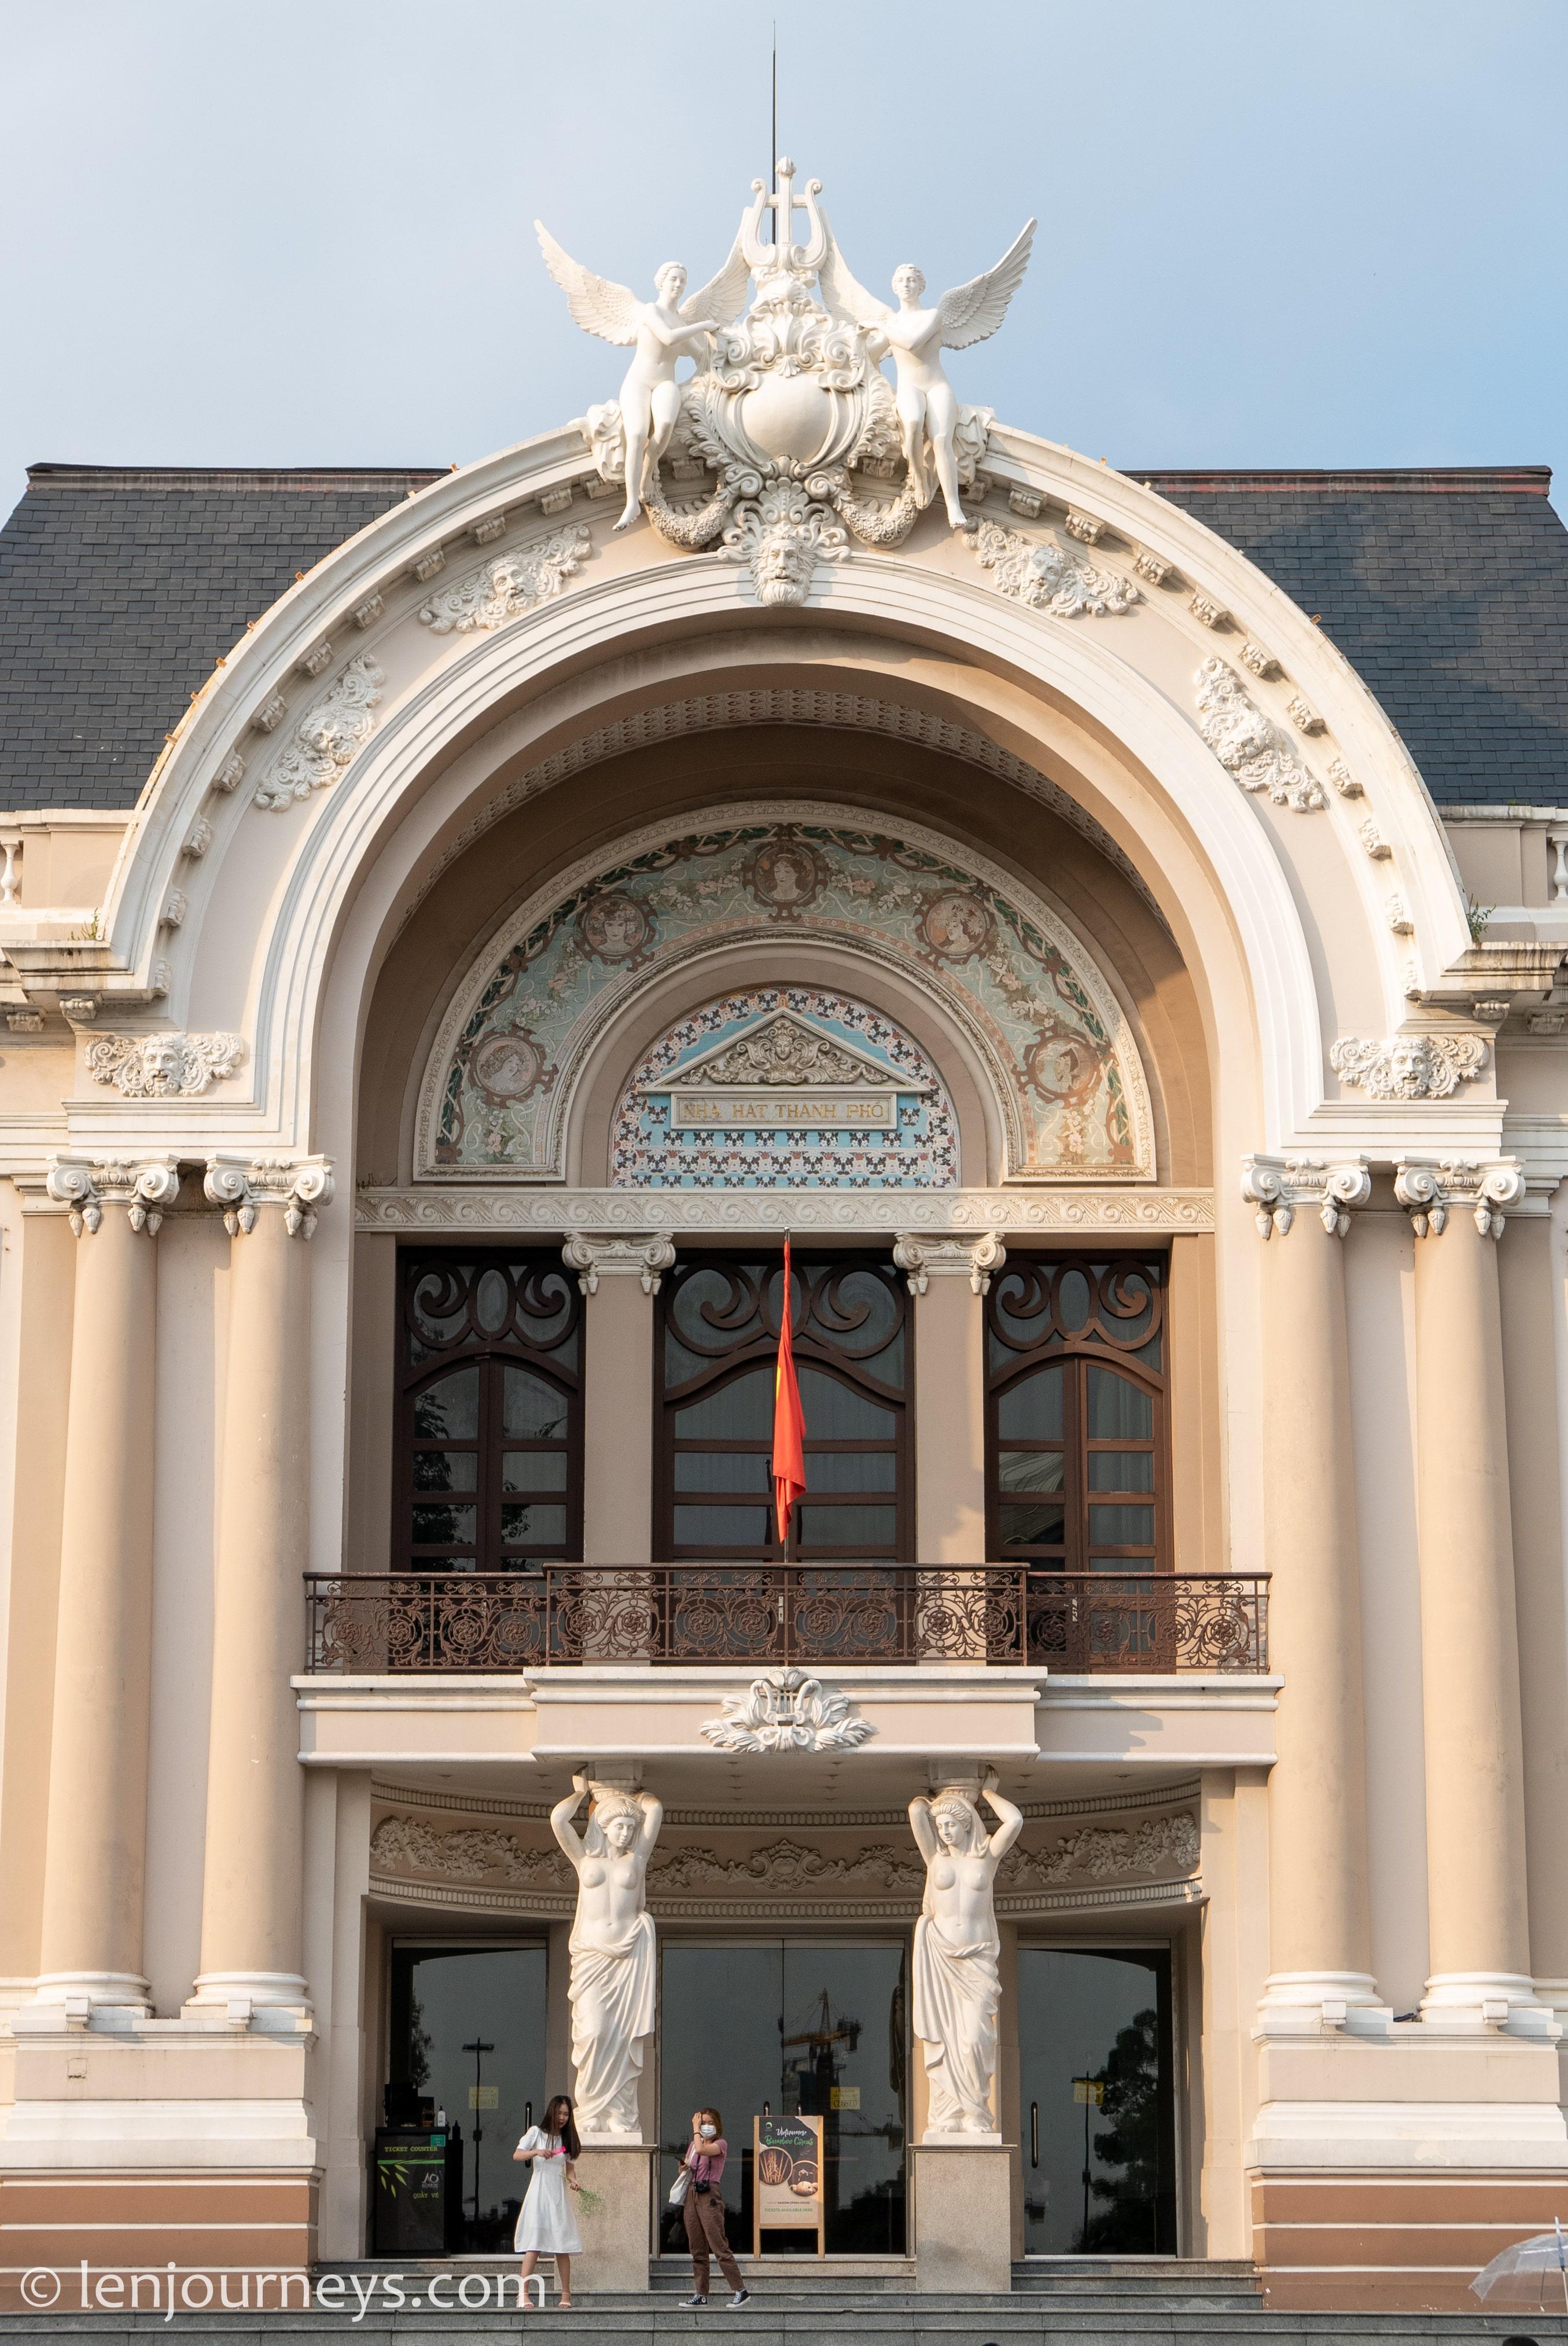 Magnificent façade of Saigon Opera House